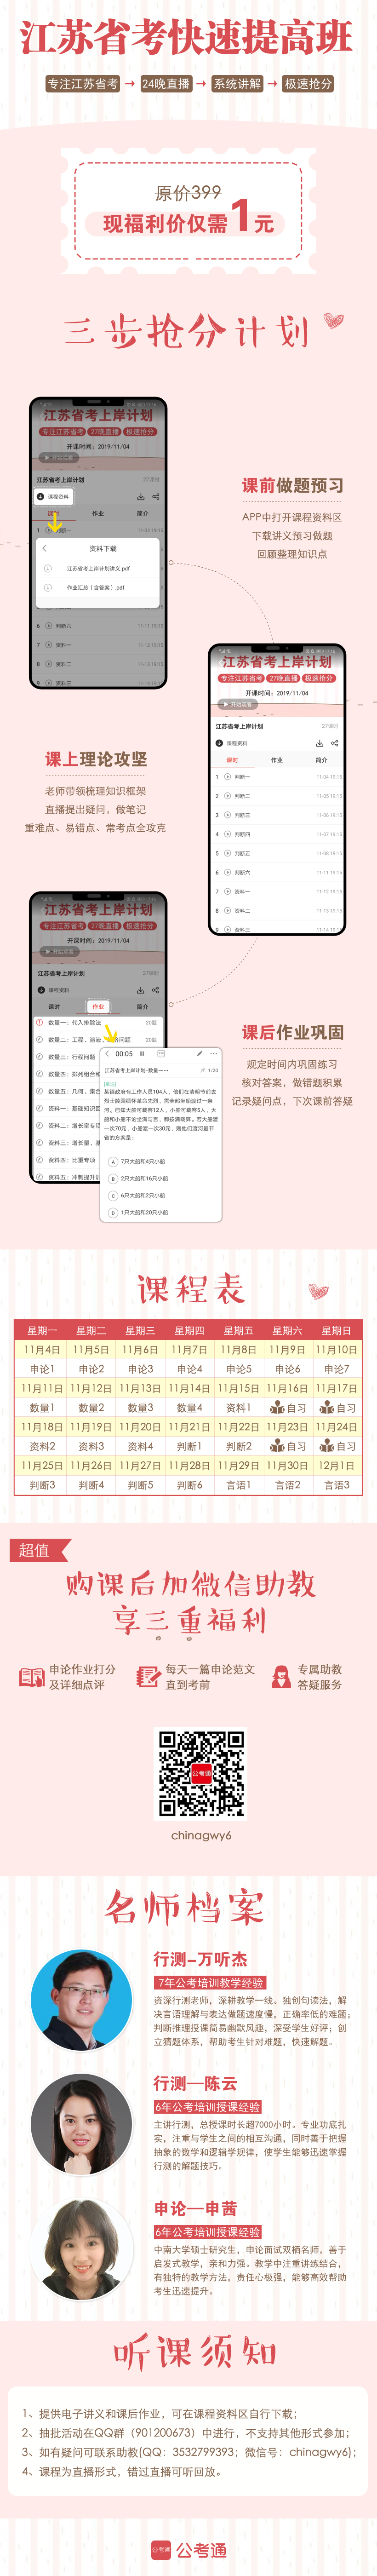 【1元购】江苏省考24晚快速提高班